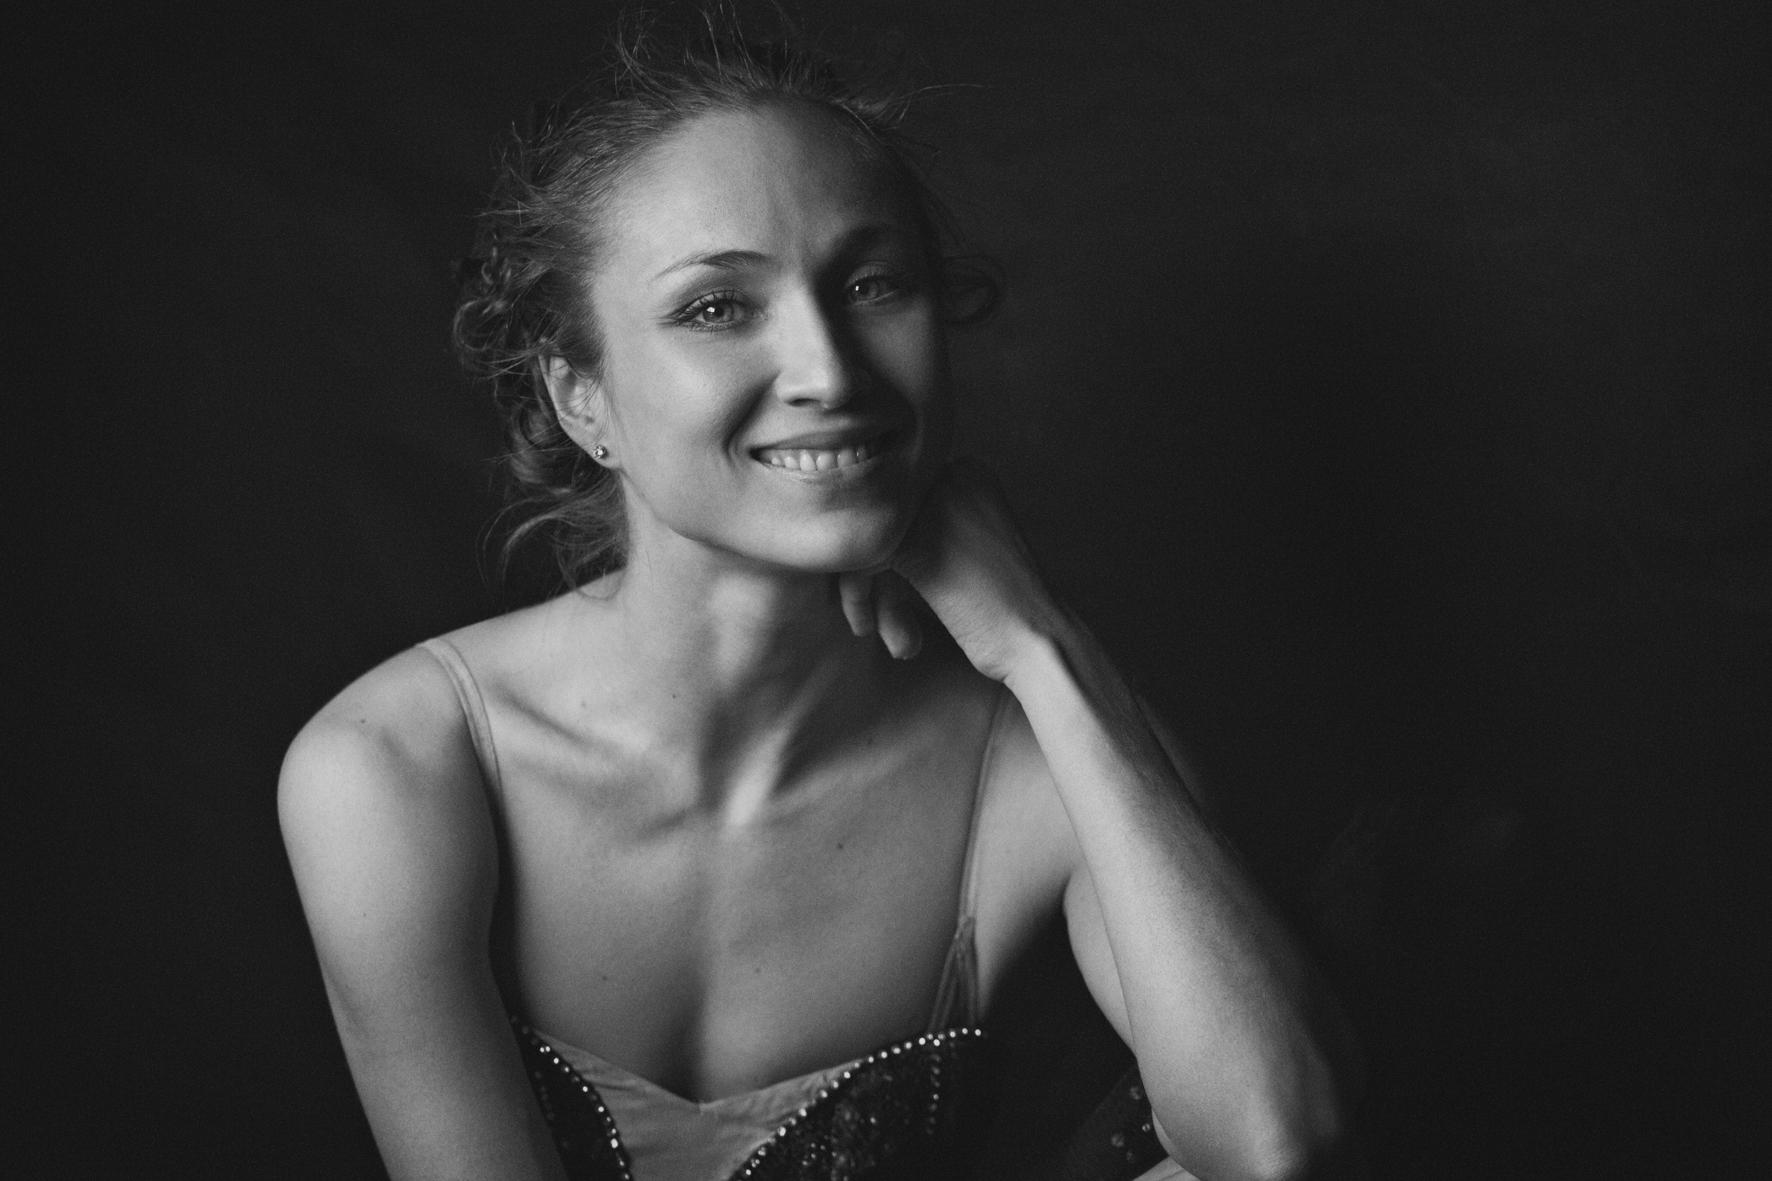 Peter-Lindbergh-Bolchoi-portrait-danseuse